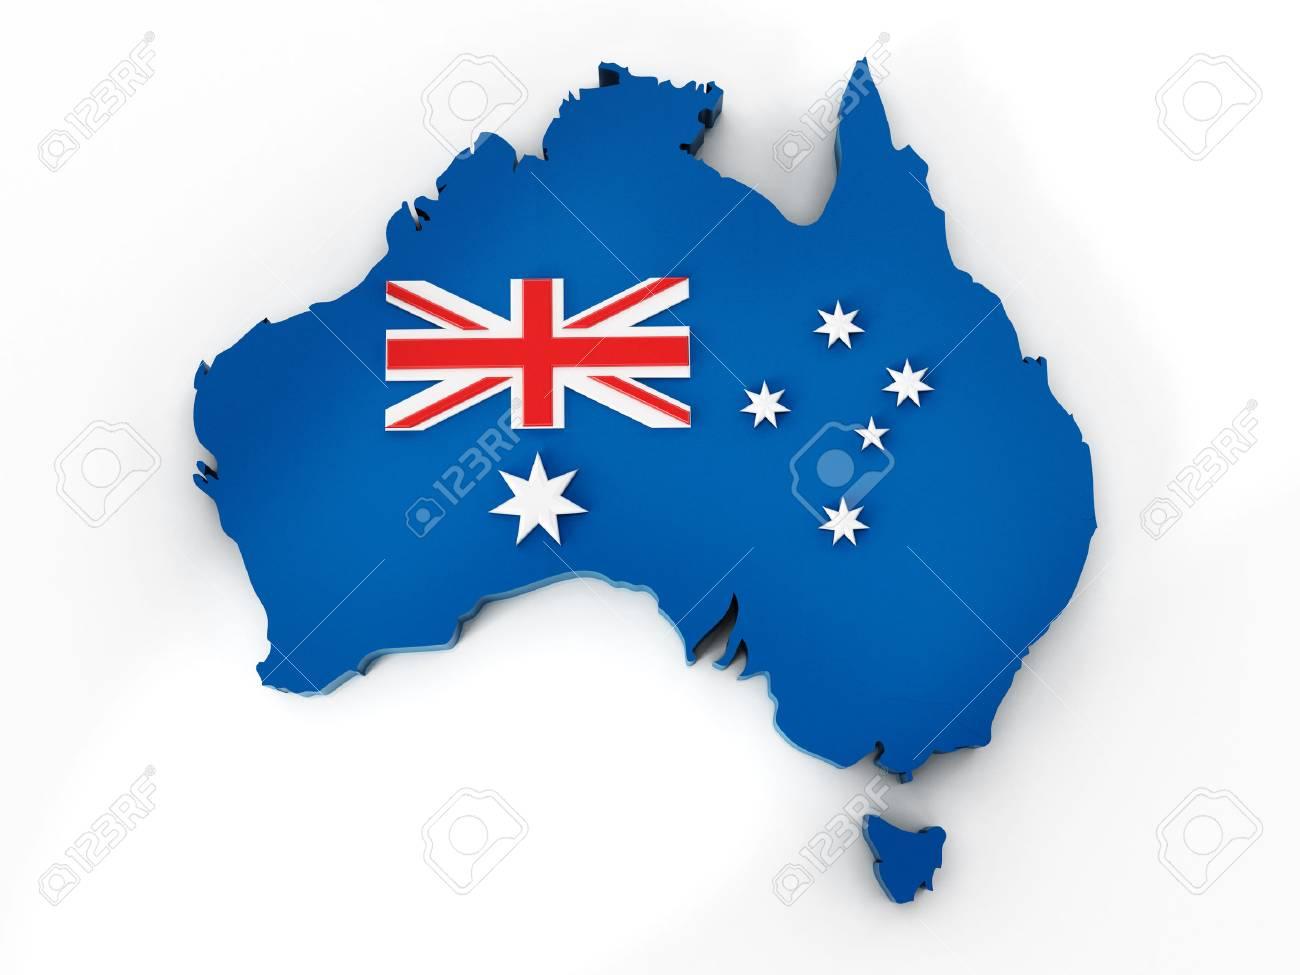 Carte Australie Drapeau.Australie Carte Et Le Drapeau Isole Sur Fond Blanc